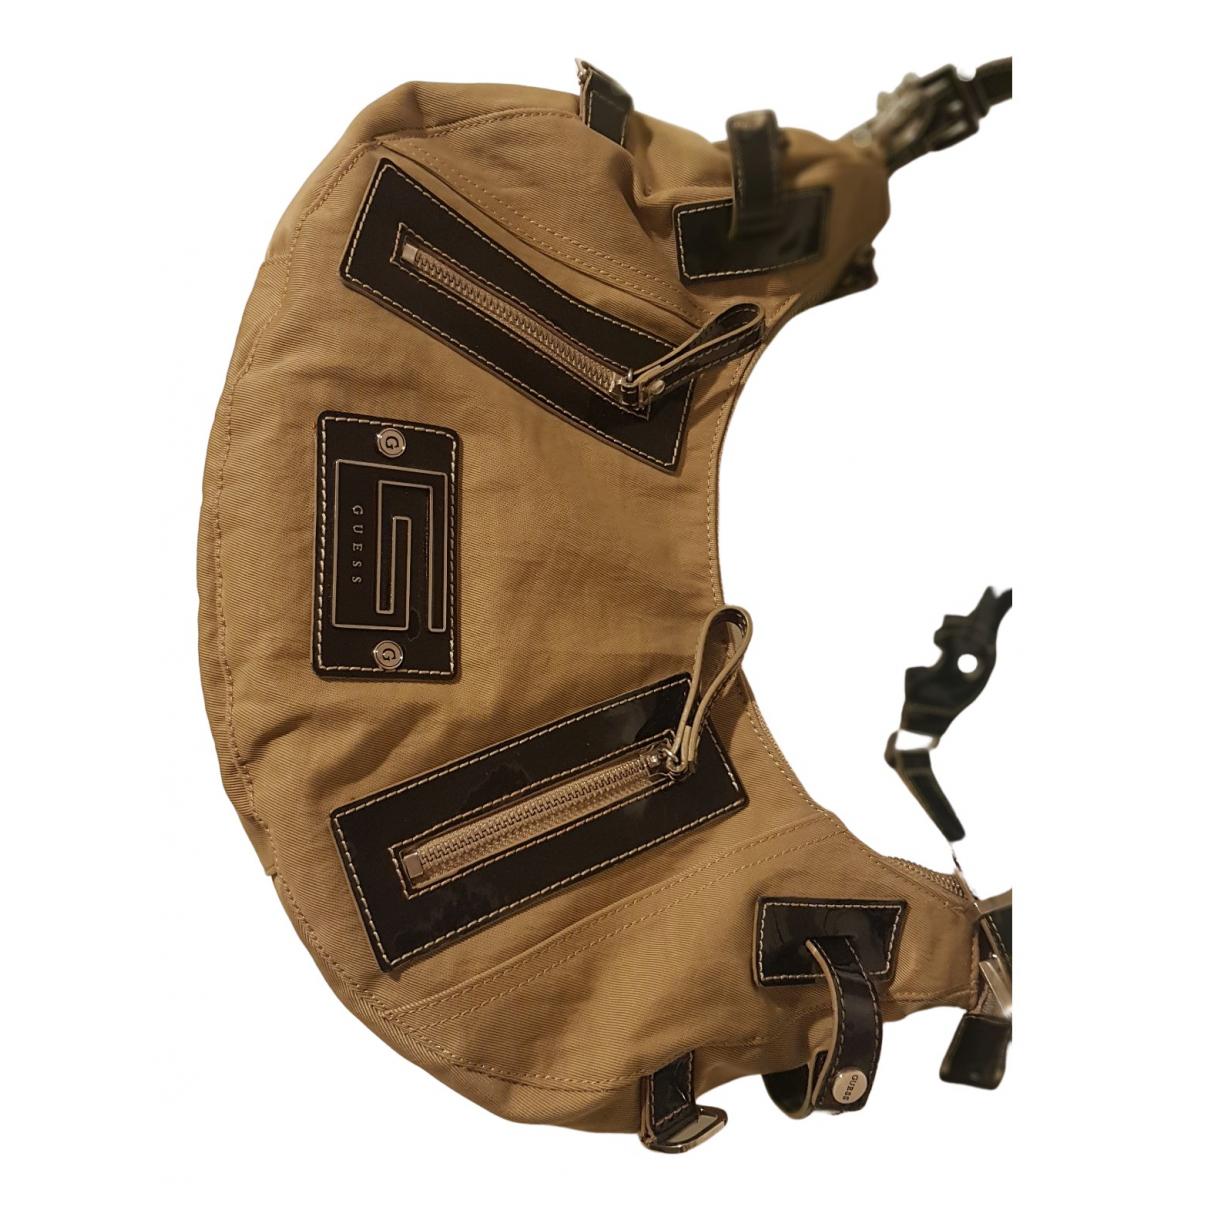 Guess \N Handtasche in  Khaki Leinen